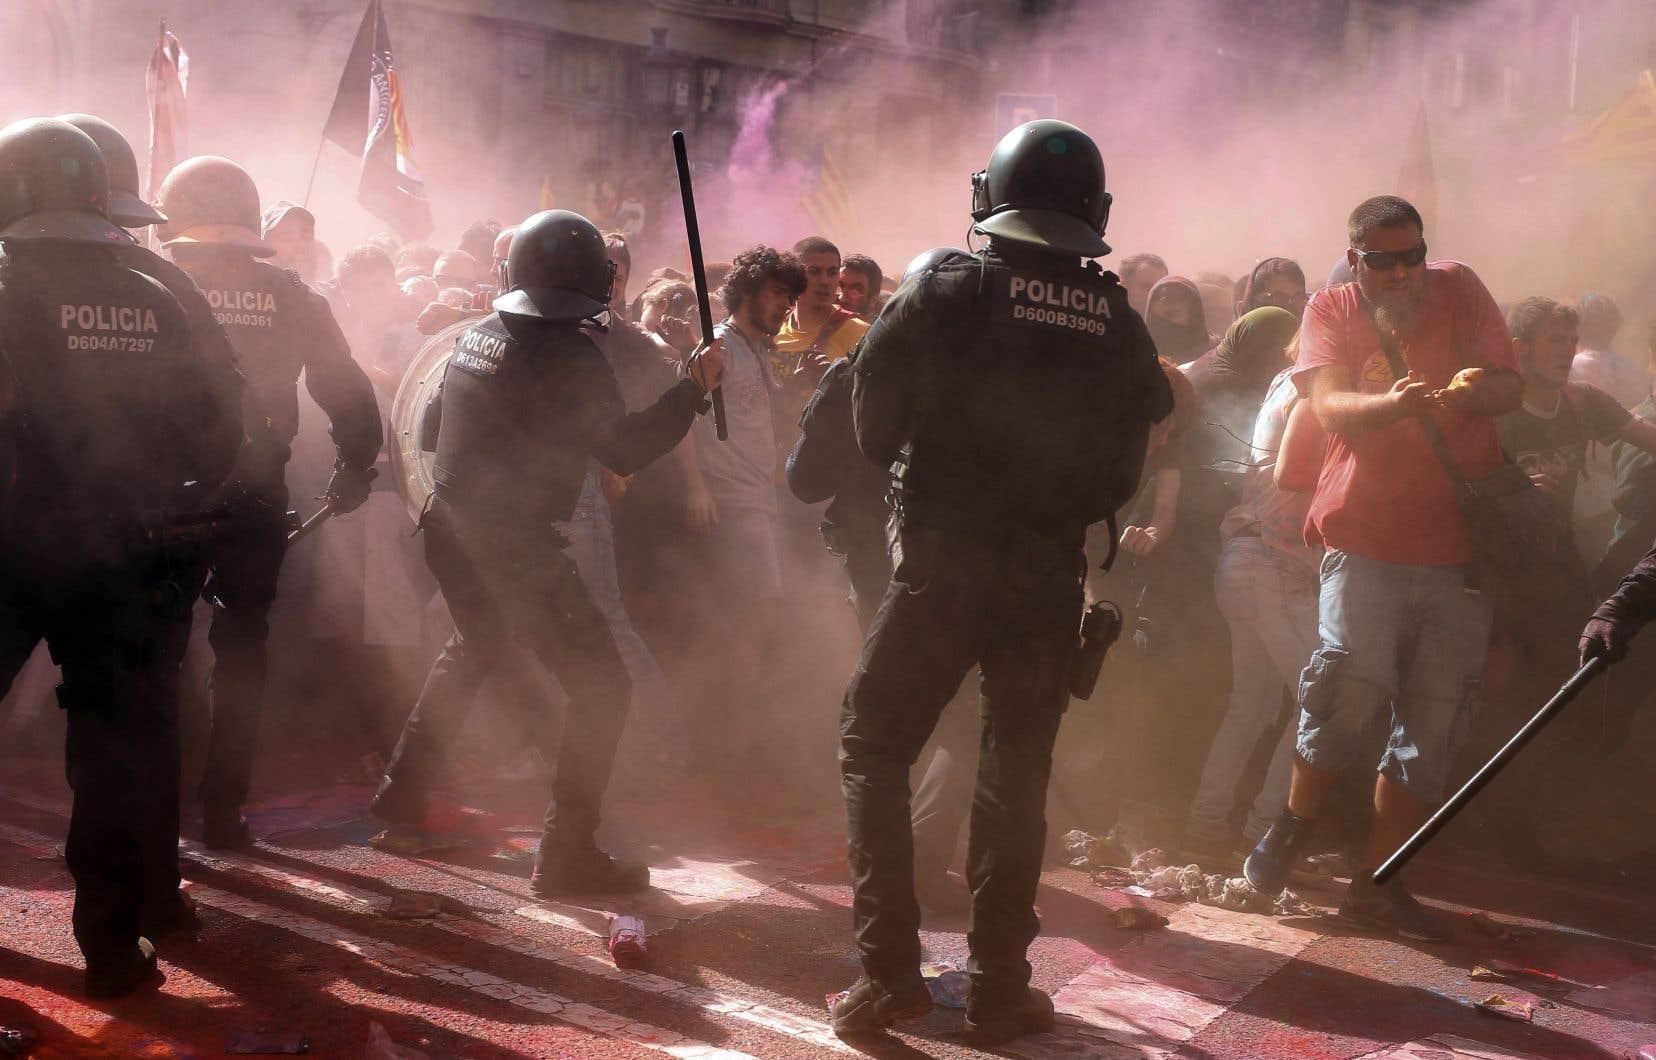 Des manifestants ont aspergé les policiers barcelonais de poudre colorée, projetant dans les airs un épais nuage arc-en-ciel.